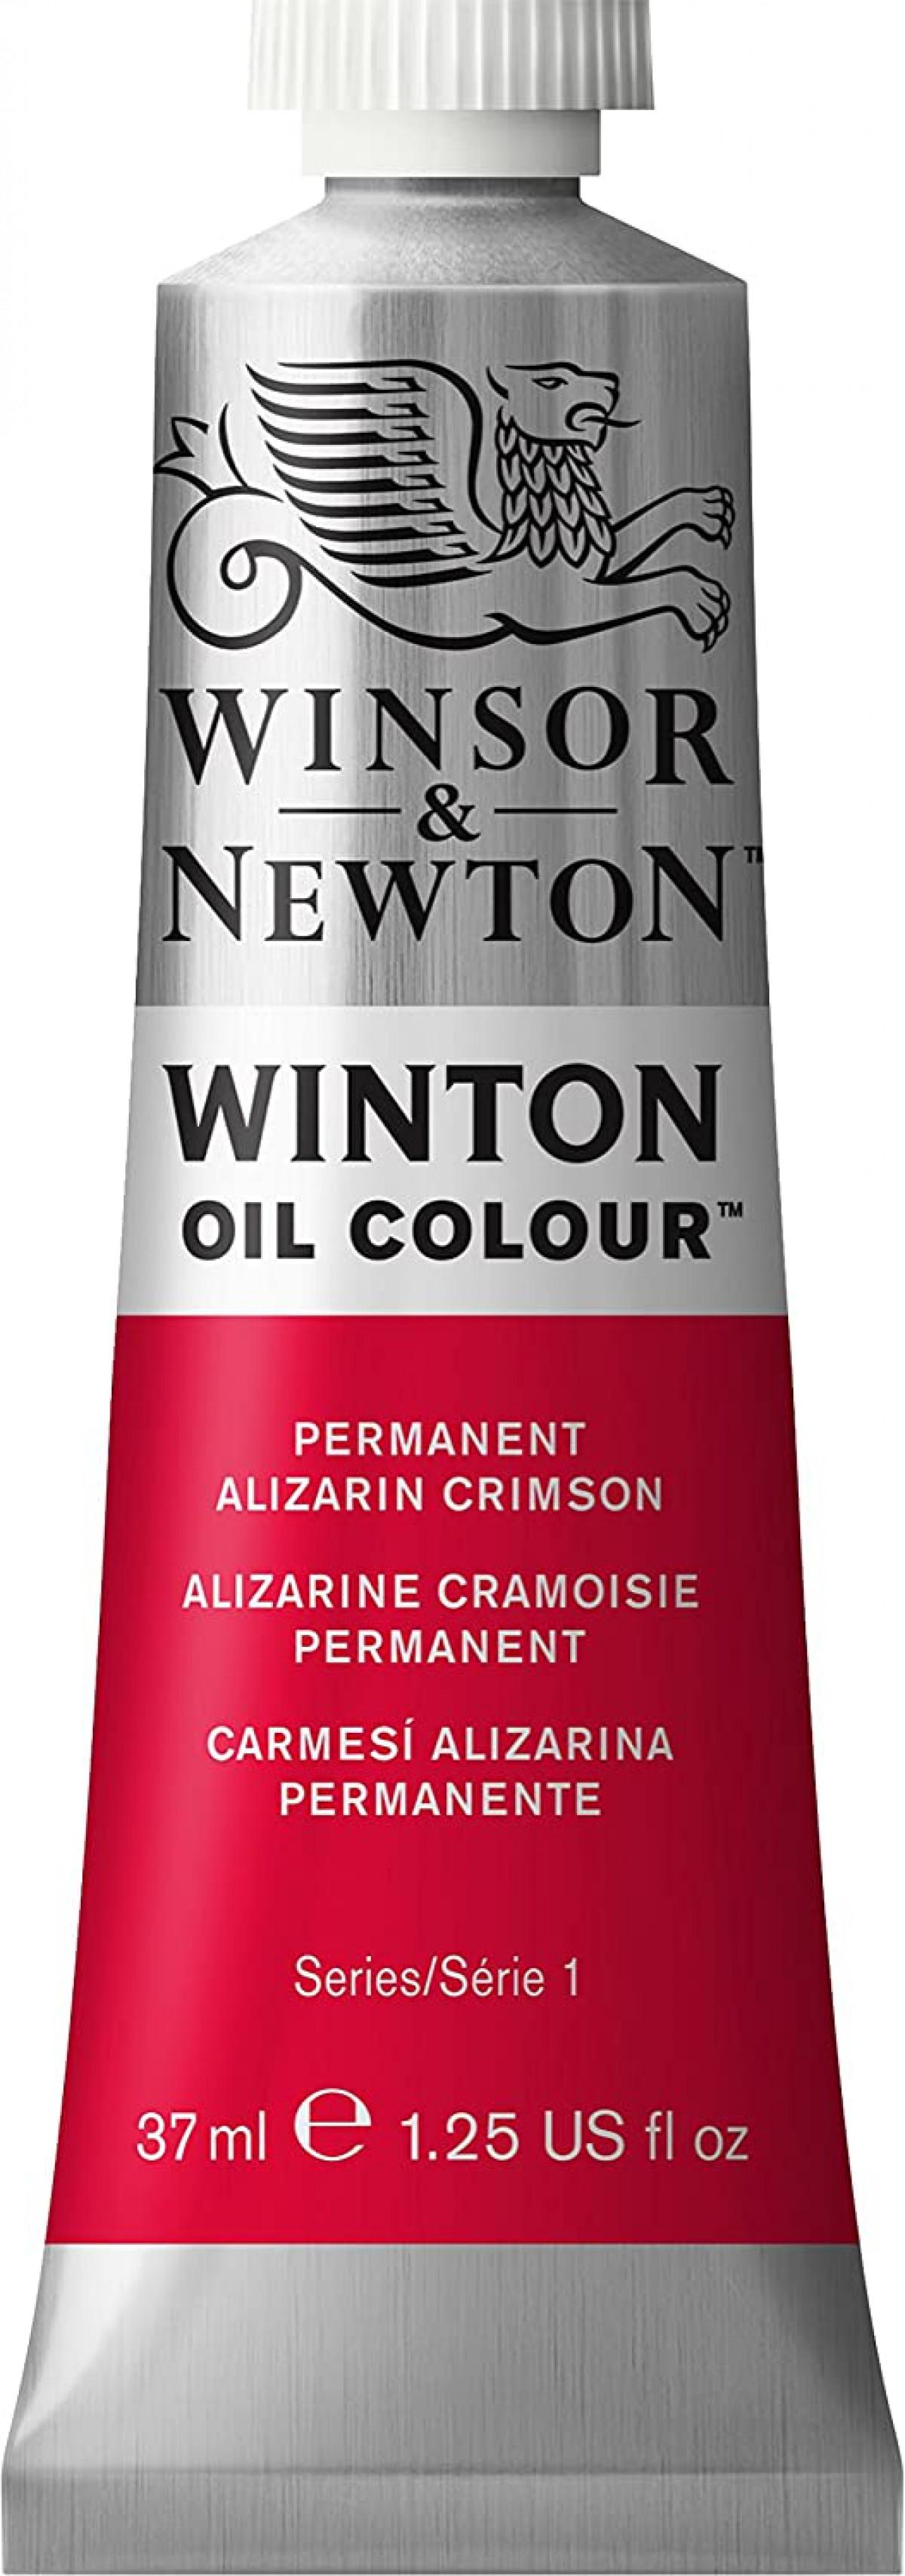 Winsor Newton Winton Yağlı Boya 37ml - Permanent Alizsrin Crimson 468